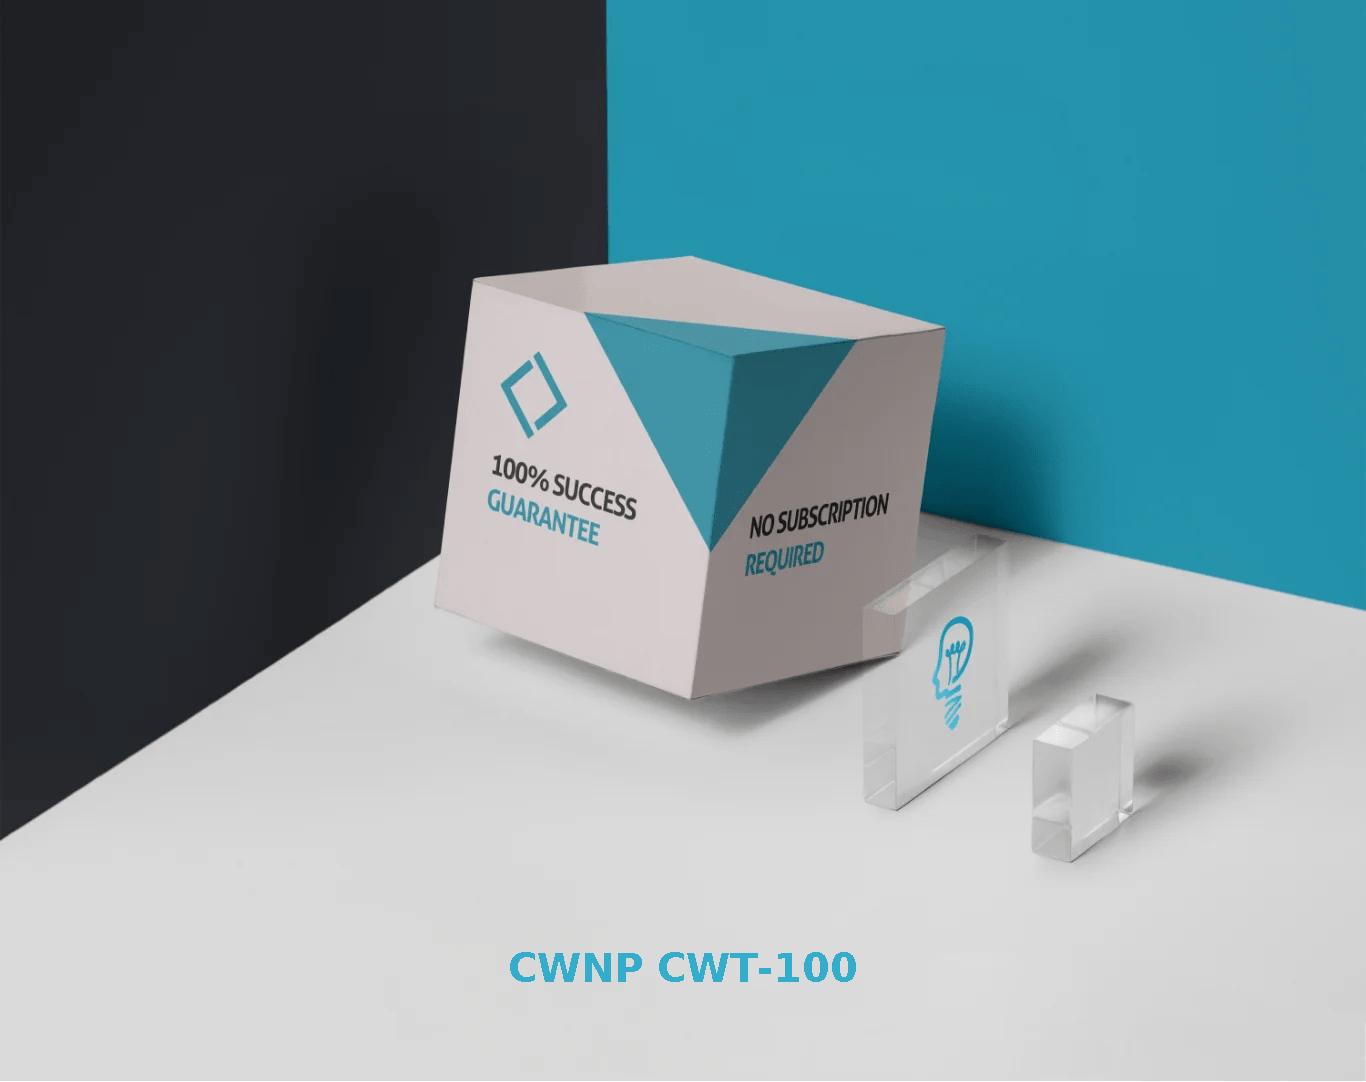 CWT-100 Dumps